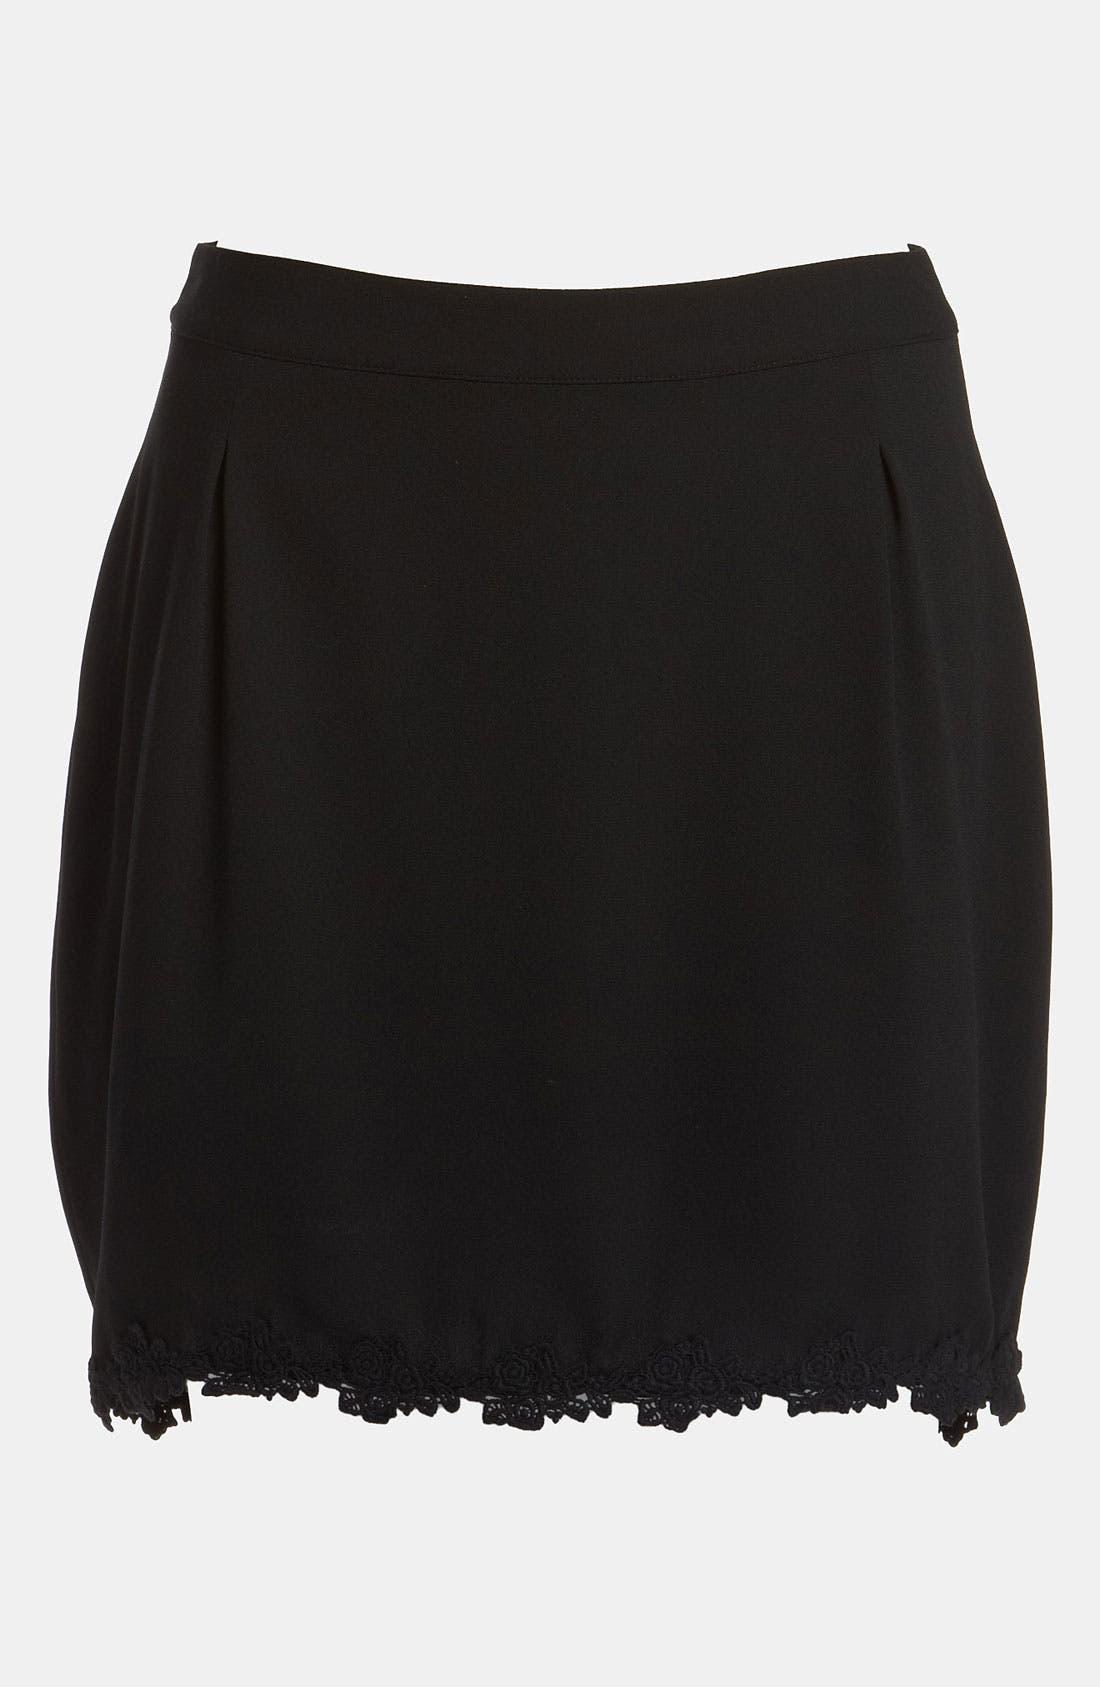 Alternate Image 1 Selected - Tildon 'Bustle' High/Low Skirt